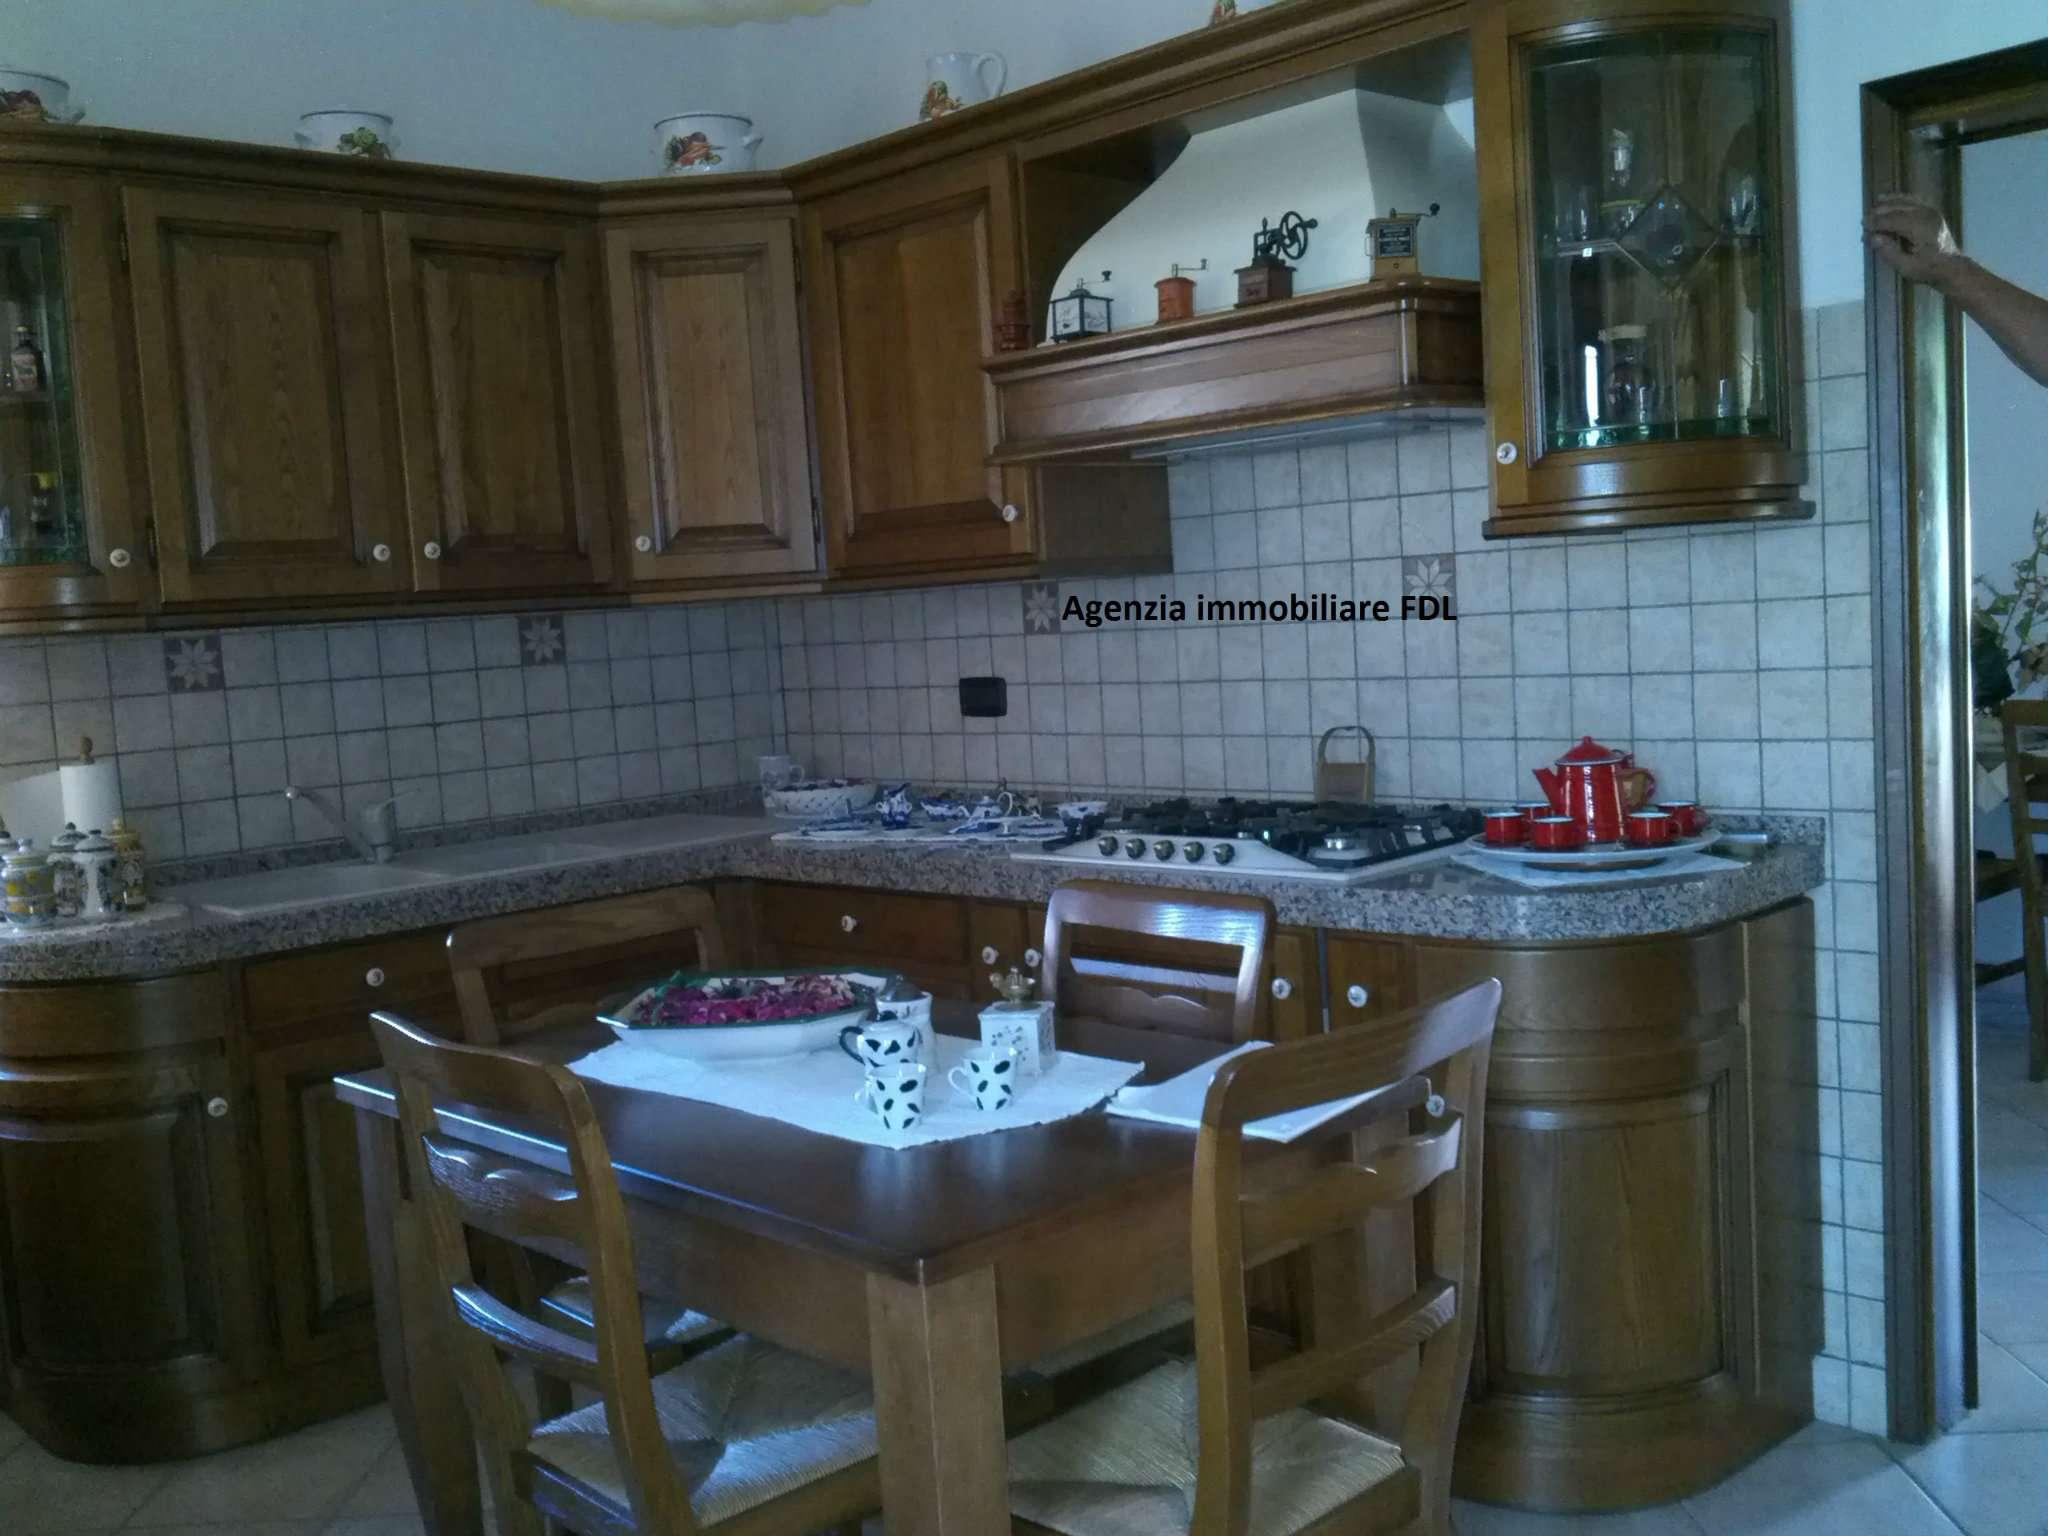 Palazzo / Stabile in vendita a Casciana Terme Lari, 8 locali, prezzo € 420.000 | CambioCasa.it